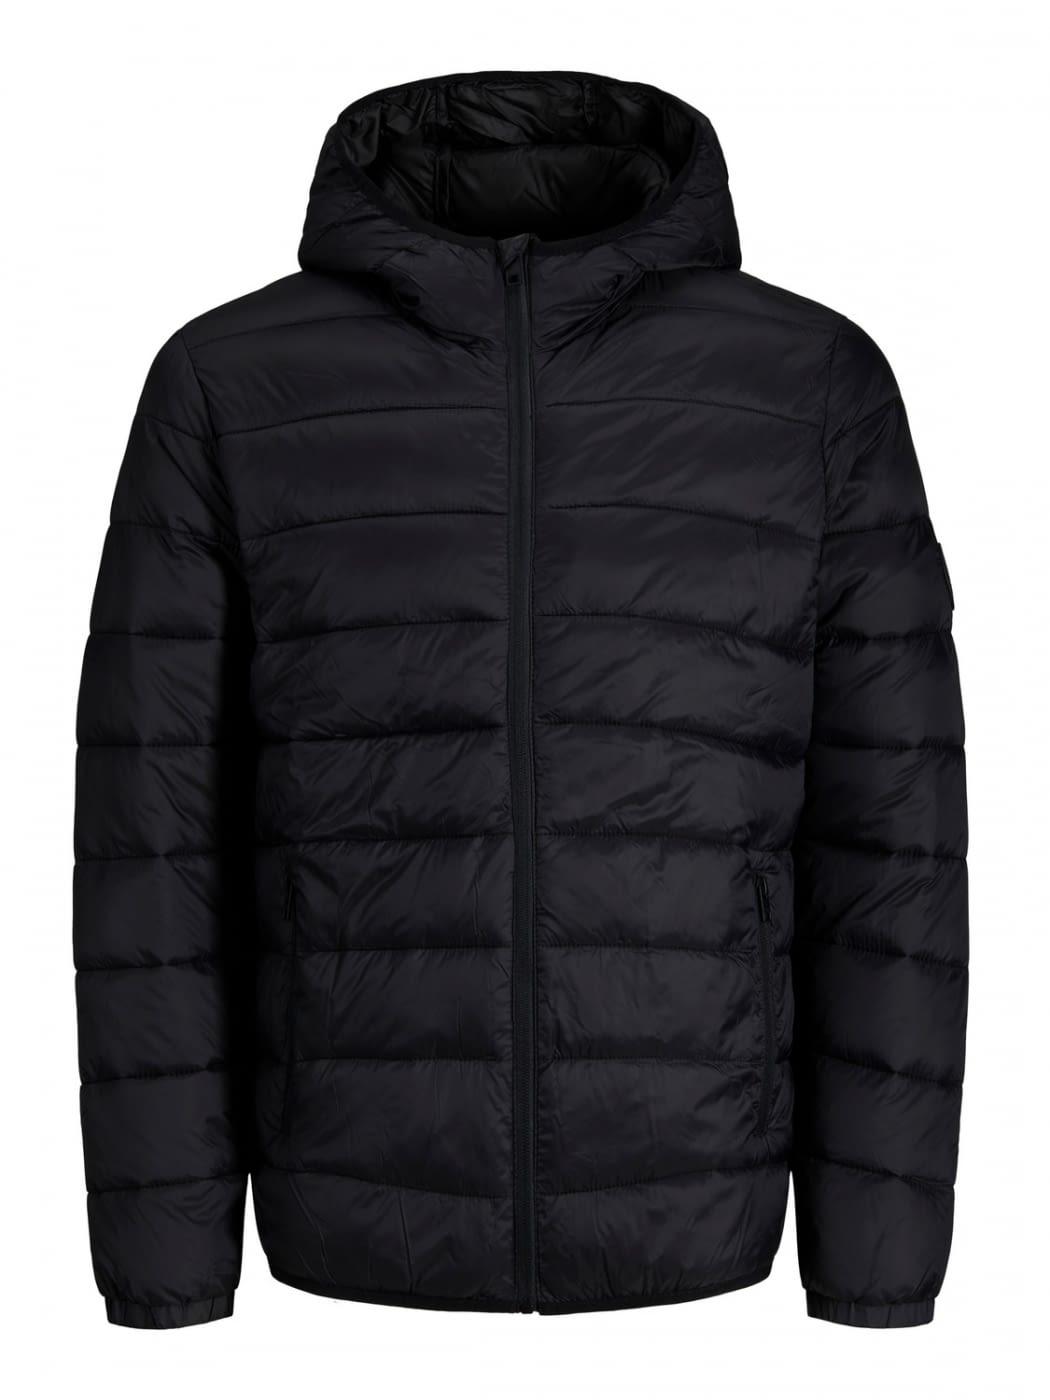 JACK & JONES chaqueta JJEMAGIC PUFFER